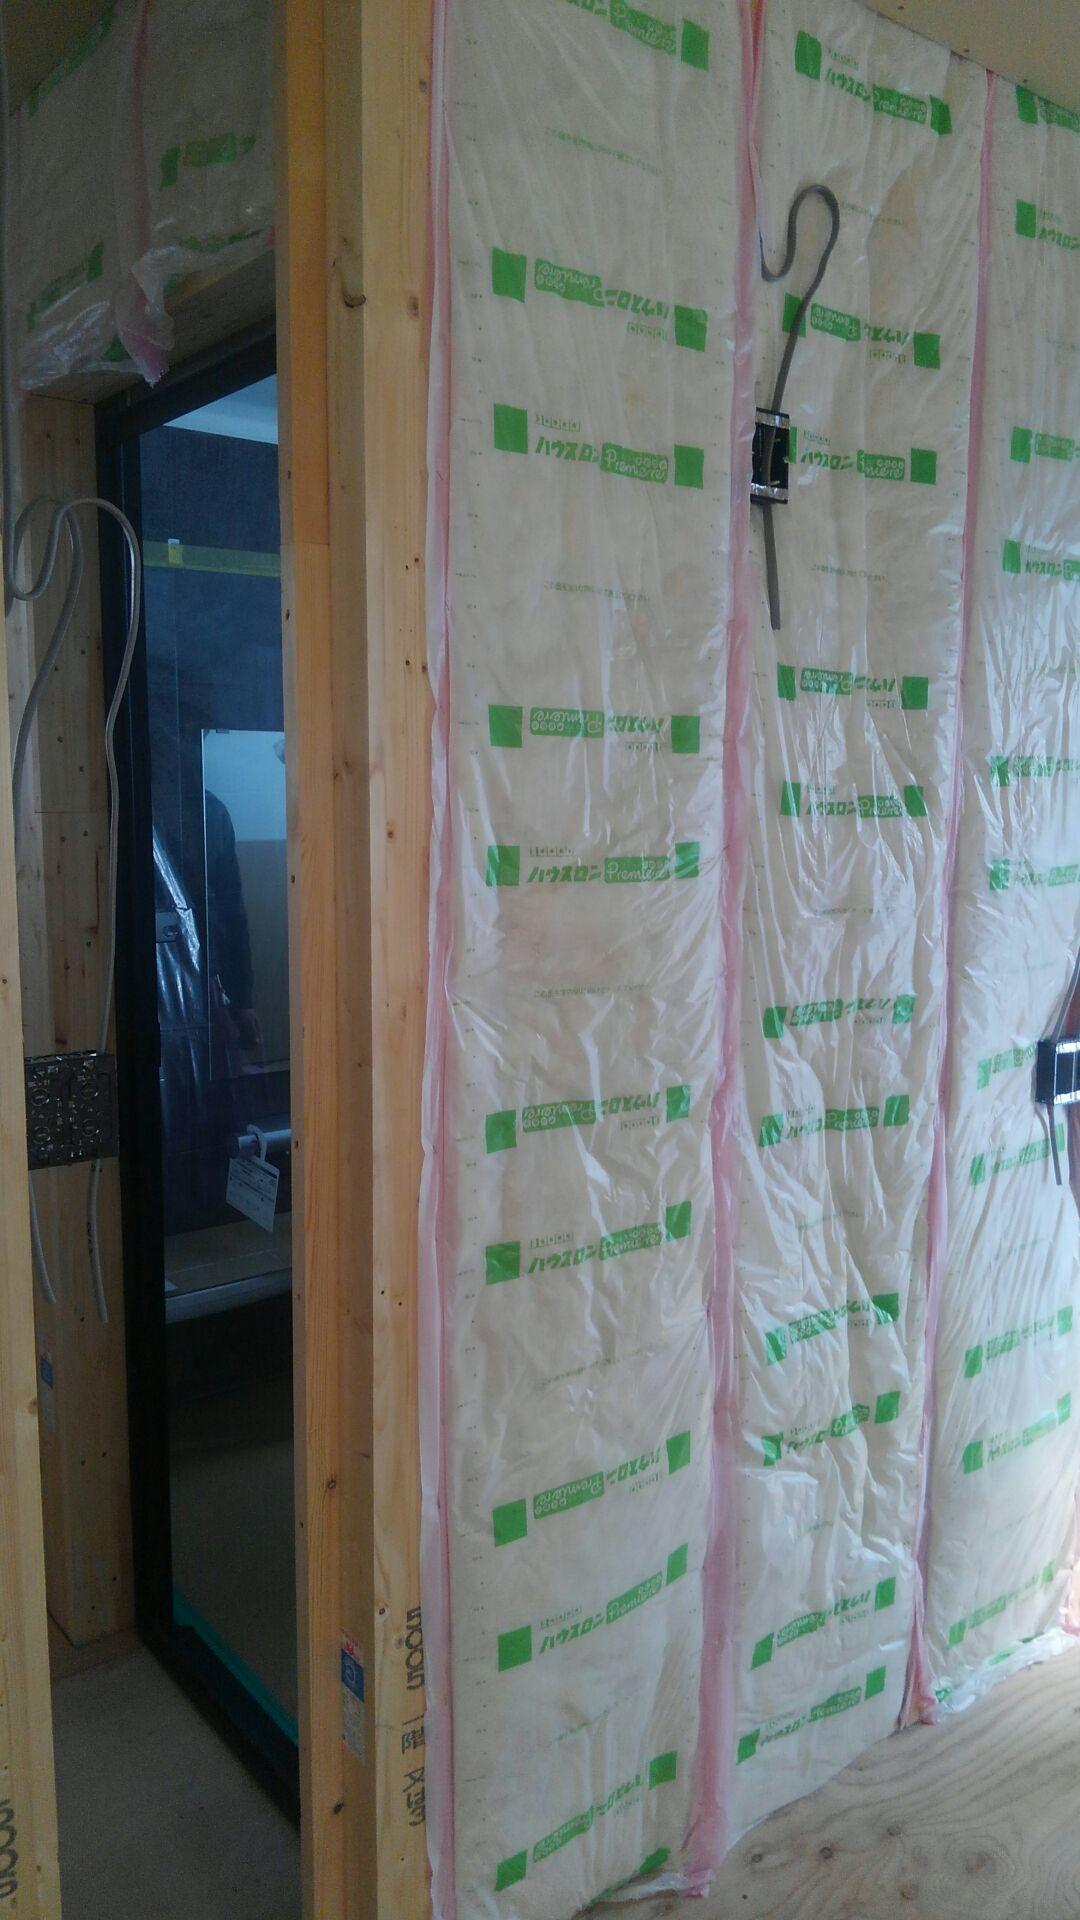 ユニットバスの内側の壁にも、いつも通りに断熱材をキッチリと。 保温力アップです!